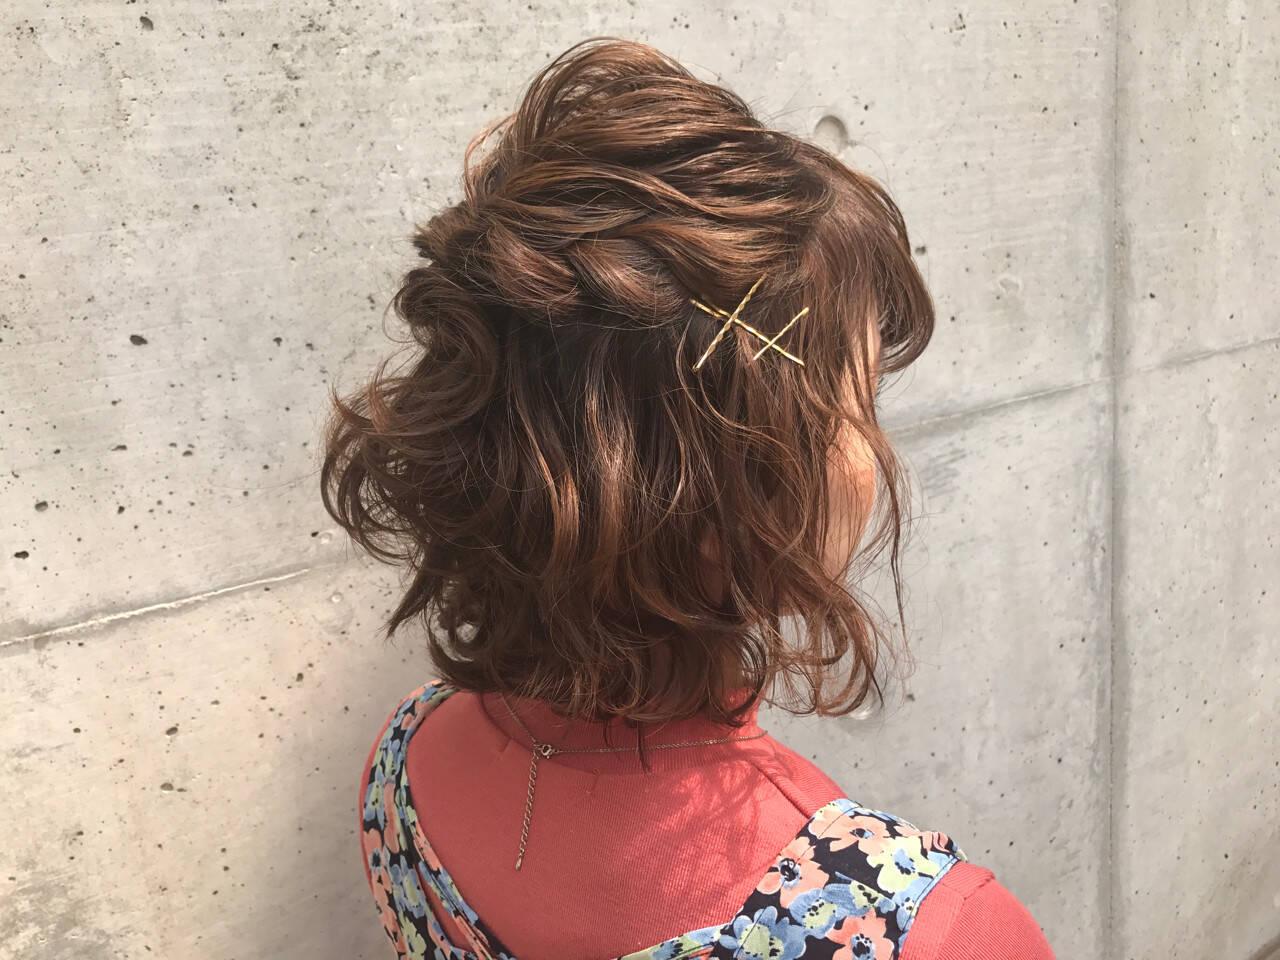 ヘアアレンジ 女子会 ガーリー 簡単ヘアアレンジヘアスタイルや髪型の写真・画像